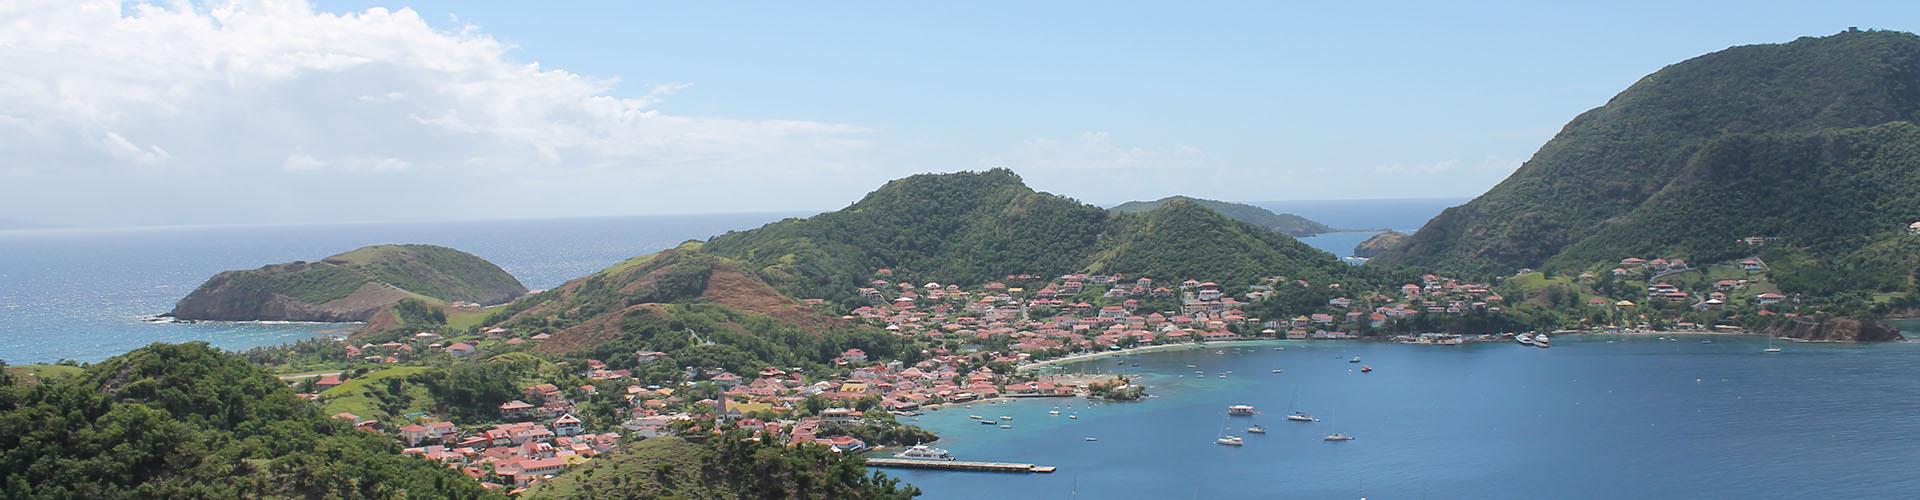 Uitzicht vanaf Fort Napoléon des Saintes op Terre de Haut - Guadeloupe - Where to next